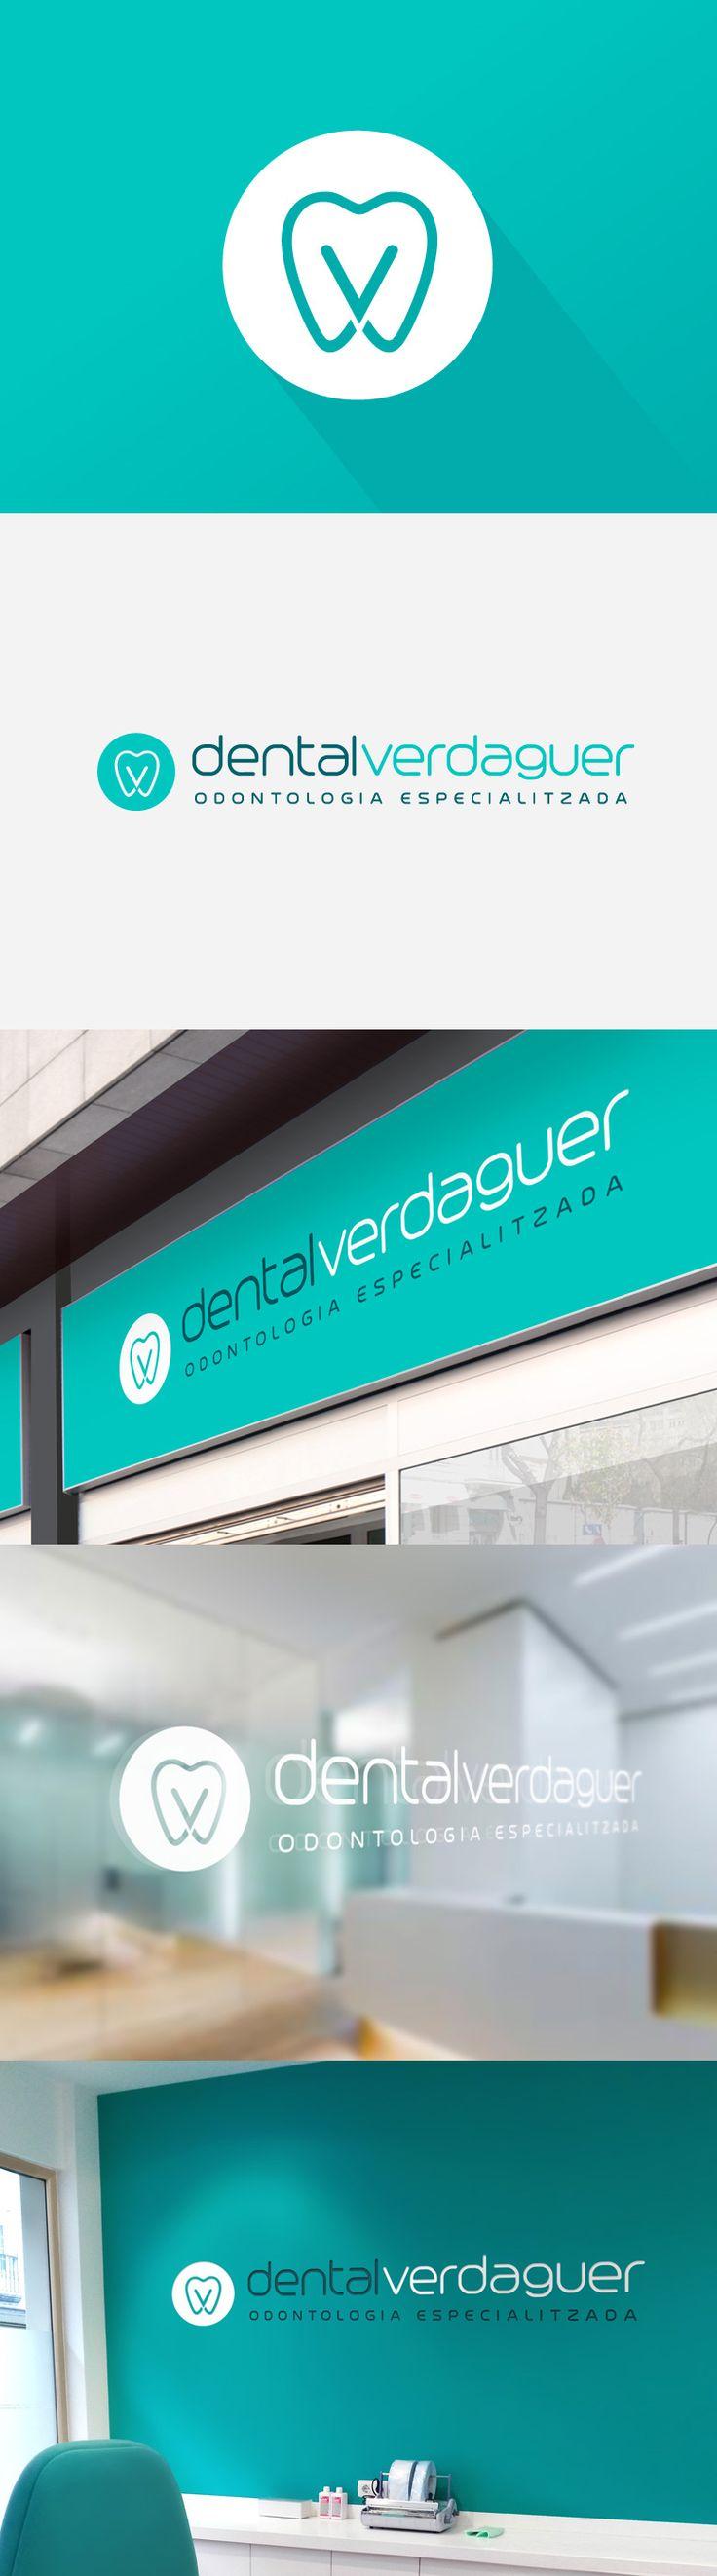 """Diseño de logotipo para Dental Verdaguer, una clínica odontológica ubicada en Igualada (Barcelona).  Las indicaciones del cliente fueron las siguientes: """"Buscamos un diseño moderno a la vez que sencillo y elegante. Me llaman especialmente la atención los tonos verdes-azulados""""."""